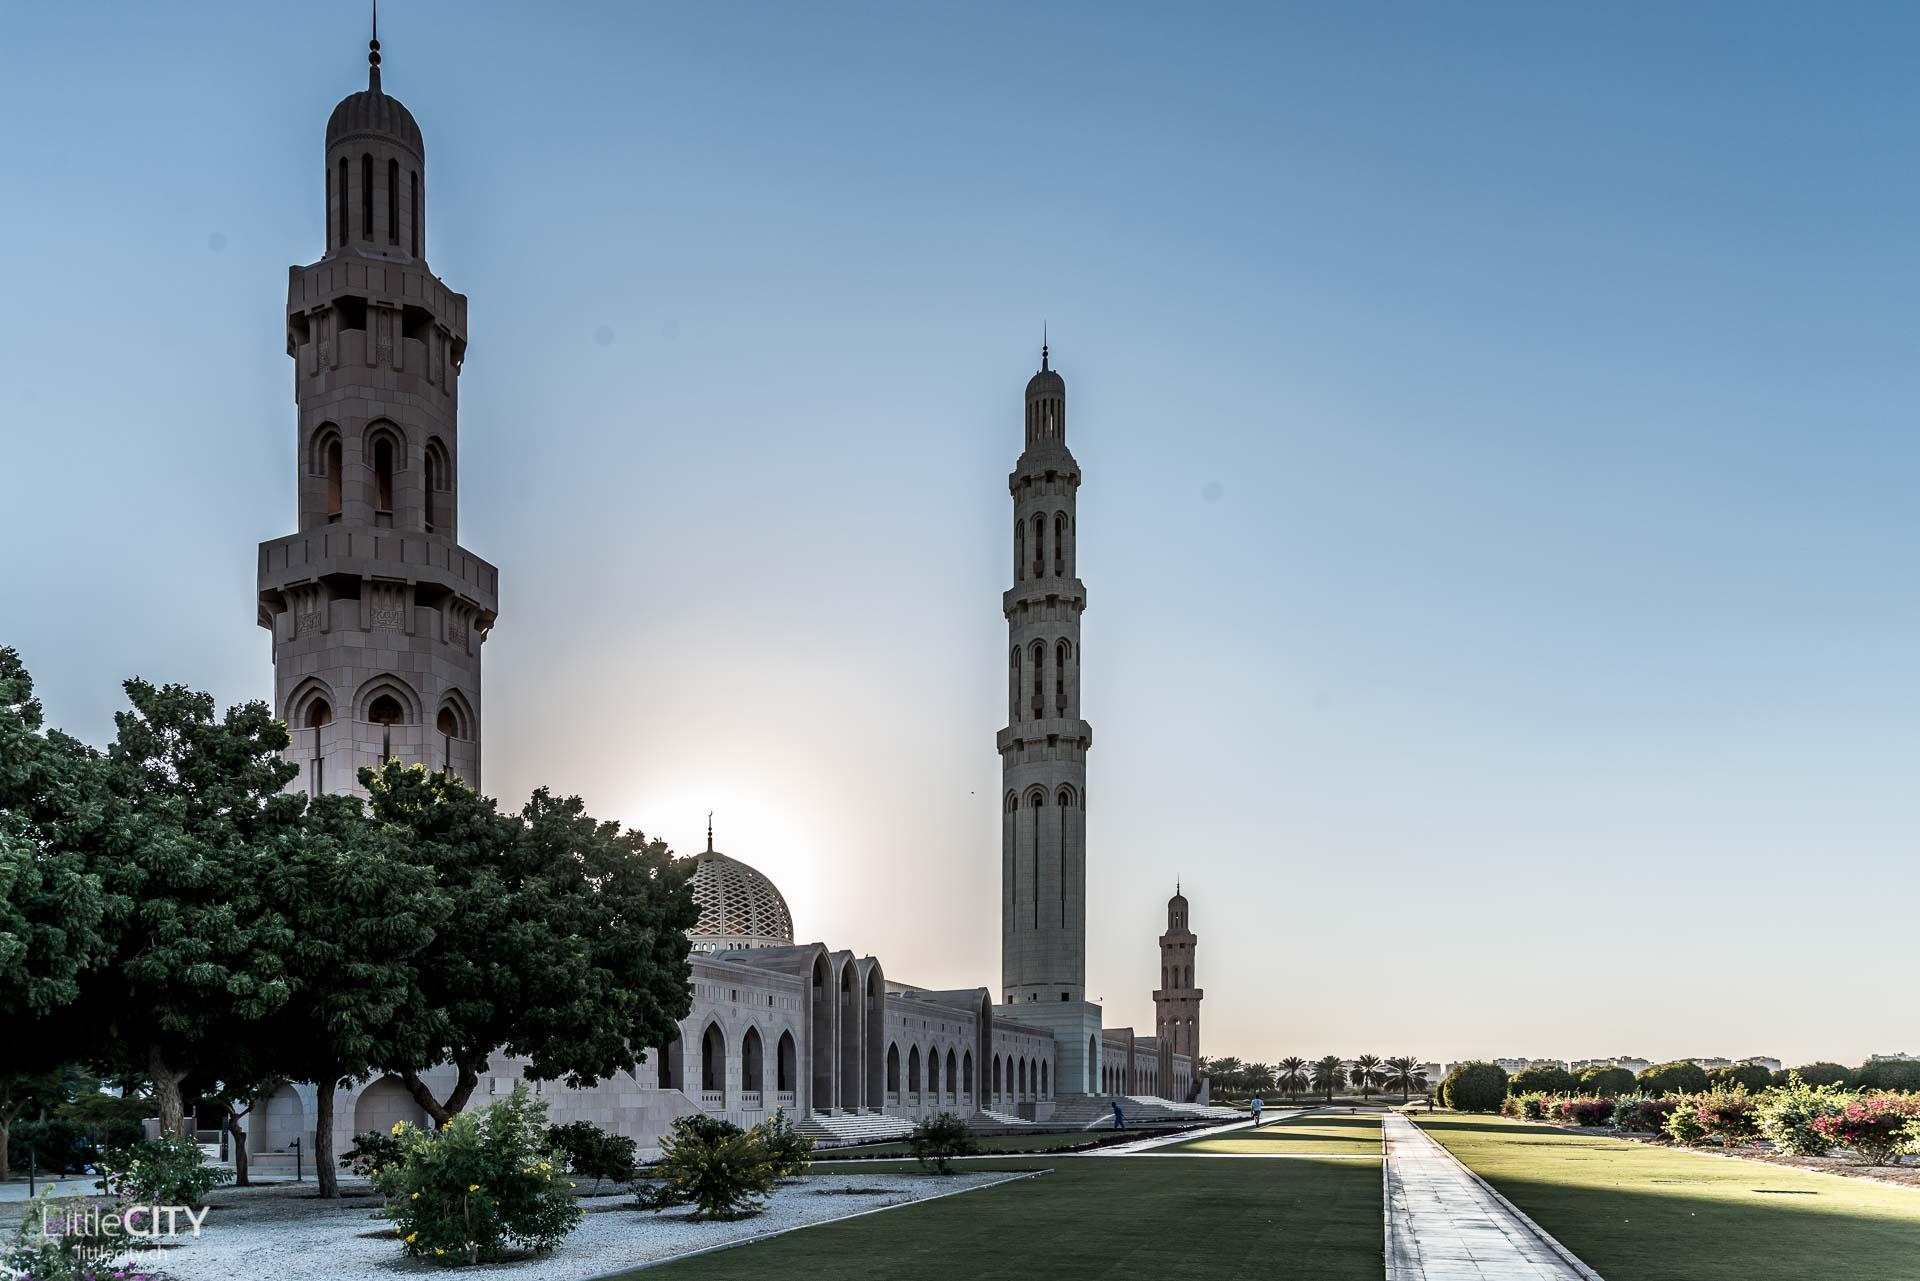 oman-grosse-sultan-qabus-moschee-von-aussen-6